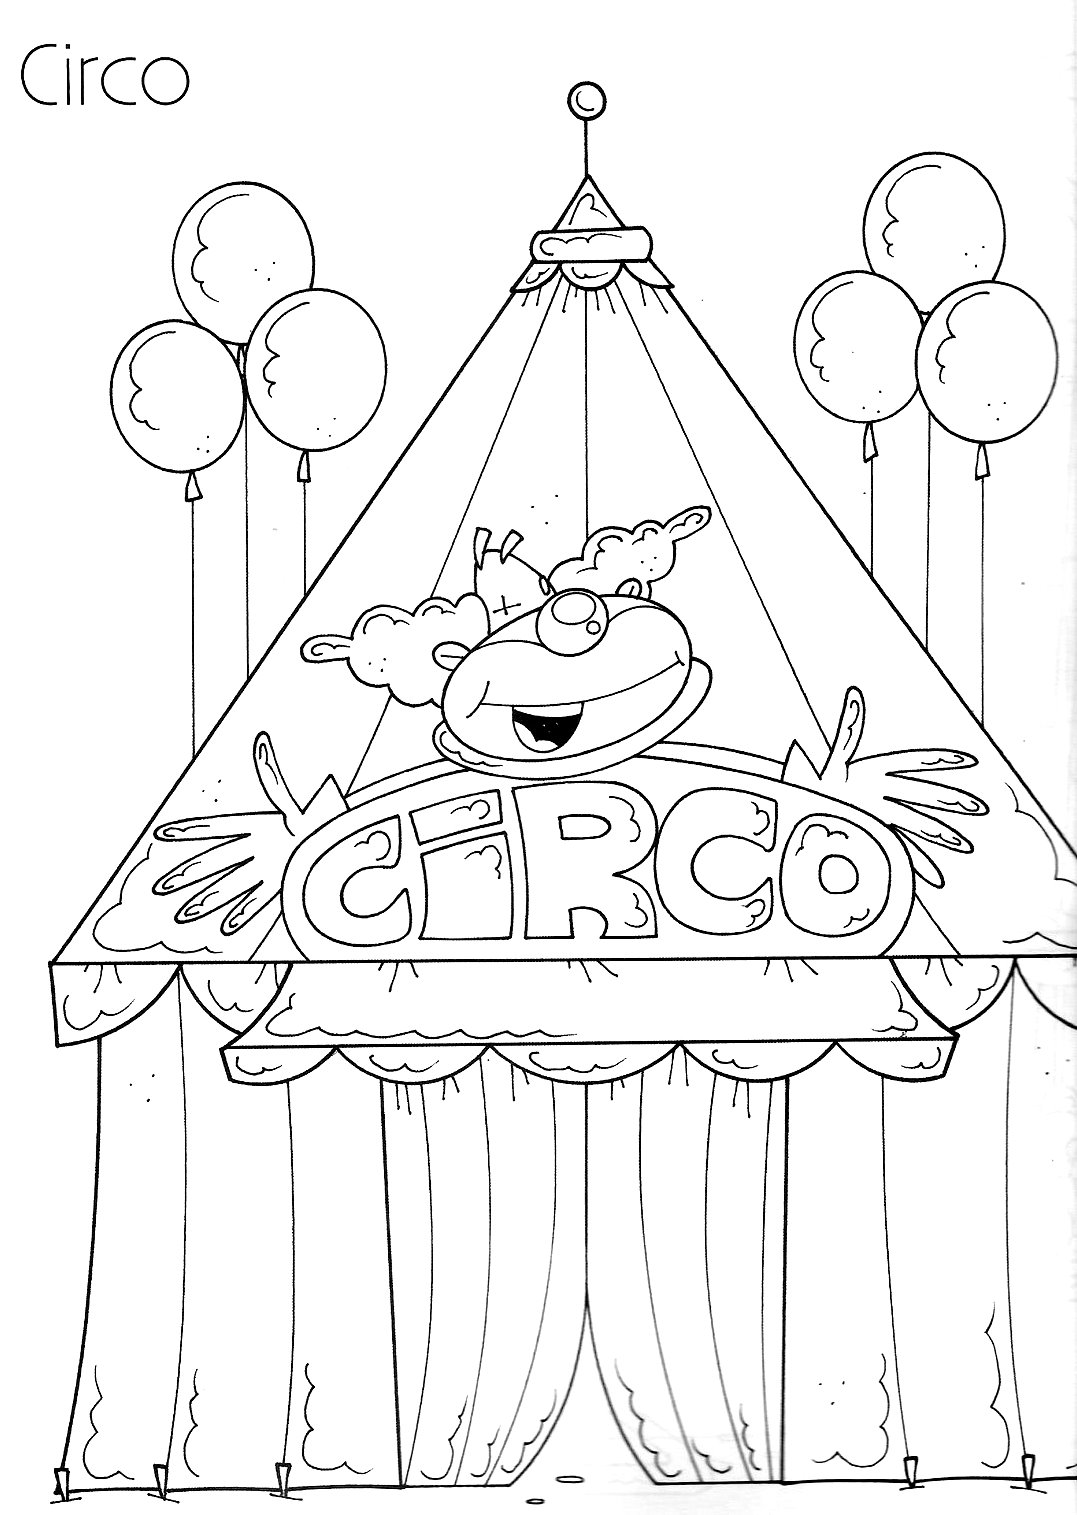 27 De Marco Dia Do Circo